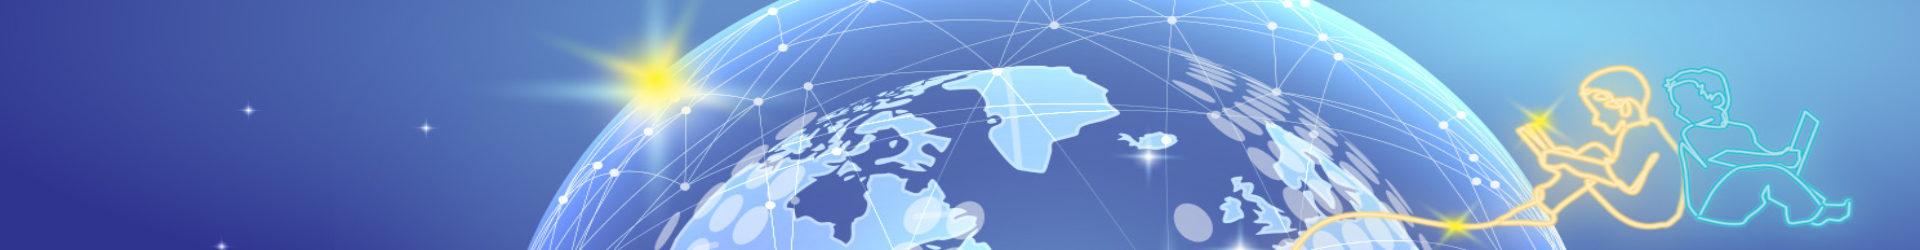 L'intervention vidéo du Dr Tedros, Directeur Général de l'OMS, lors de l'inauguration officielle de la Chaire